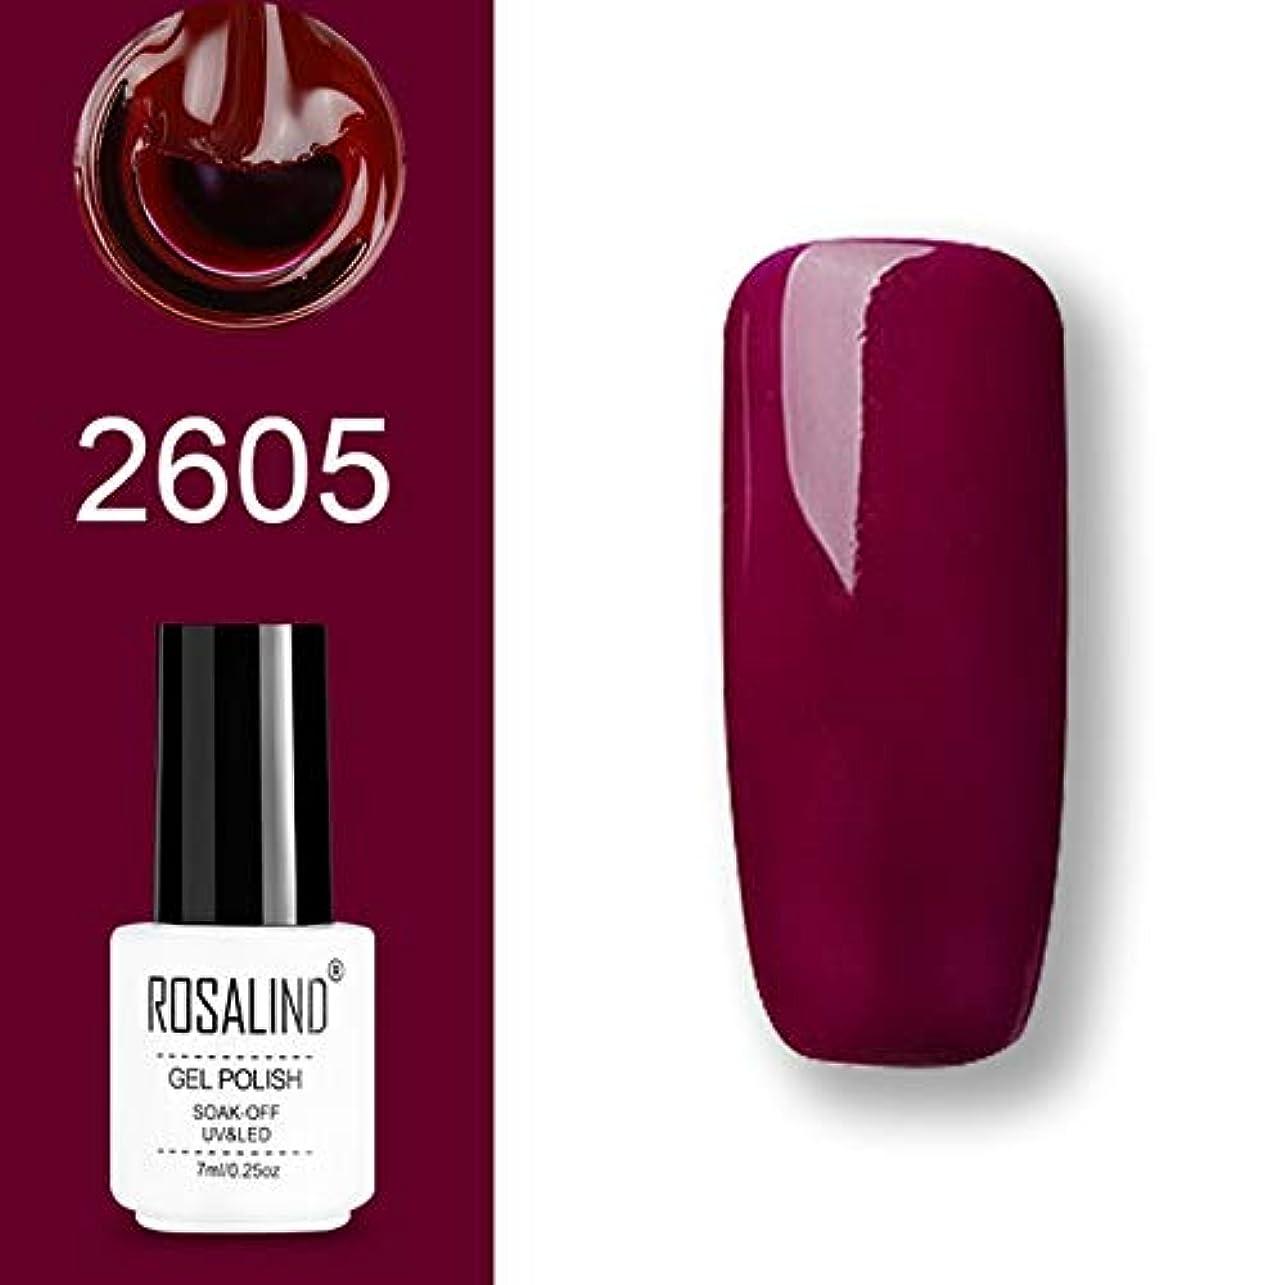 前提紫のシャッターファッションアイテム ROSALINDジェルポリッシュセットUV半永久プライマートップコートポリジェルニスネイルアートマニキュアジェル、容量:7ml 2605ネイルポリッシュ 環境に優しいマニキュア